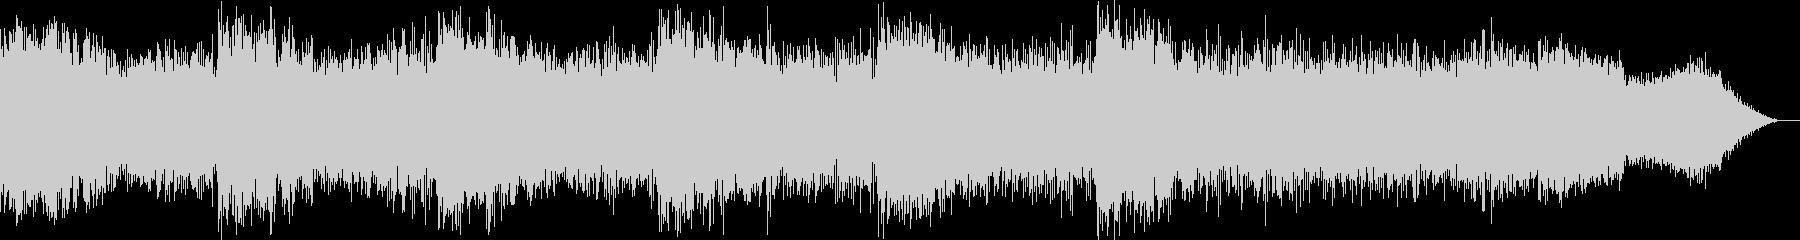 【シンセサイザー】 SFX 環境音 16の未再生の波形